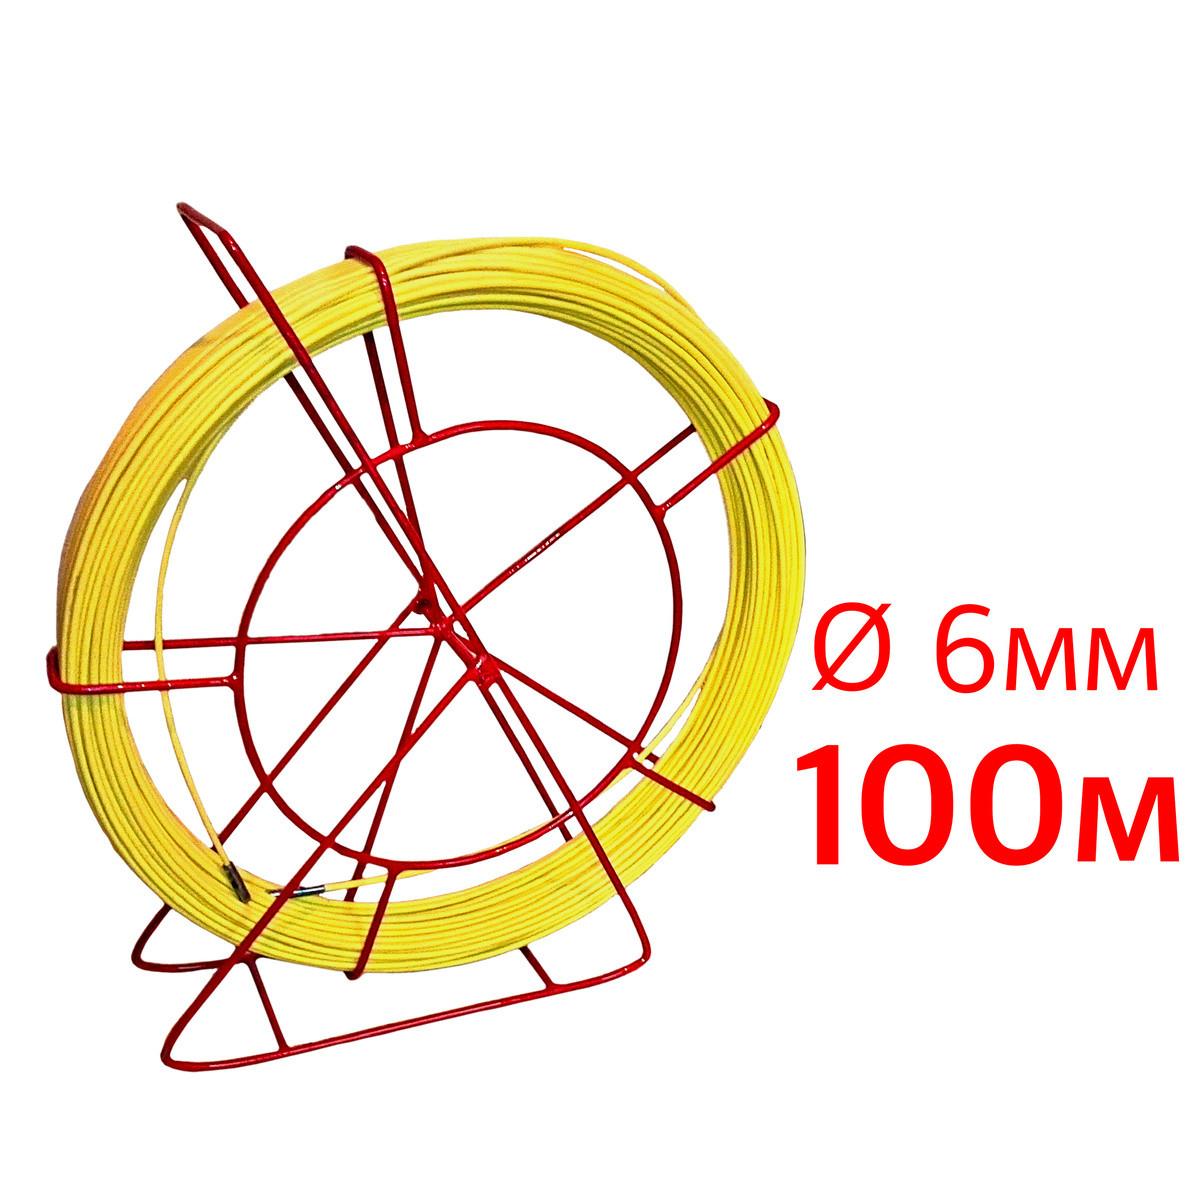 Кабельная протяжка, стеклопруток 6мм х 100м + 7 наконечников на тележке